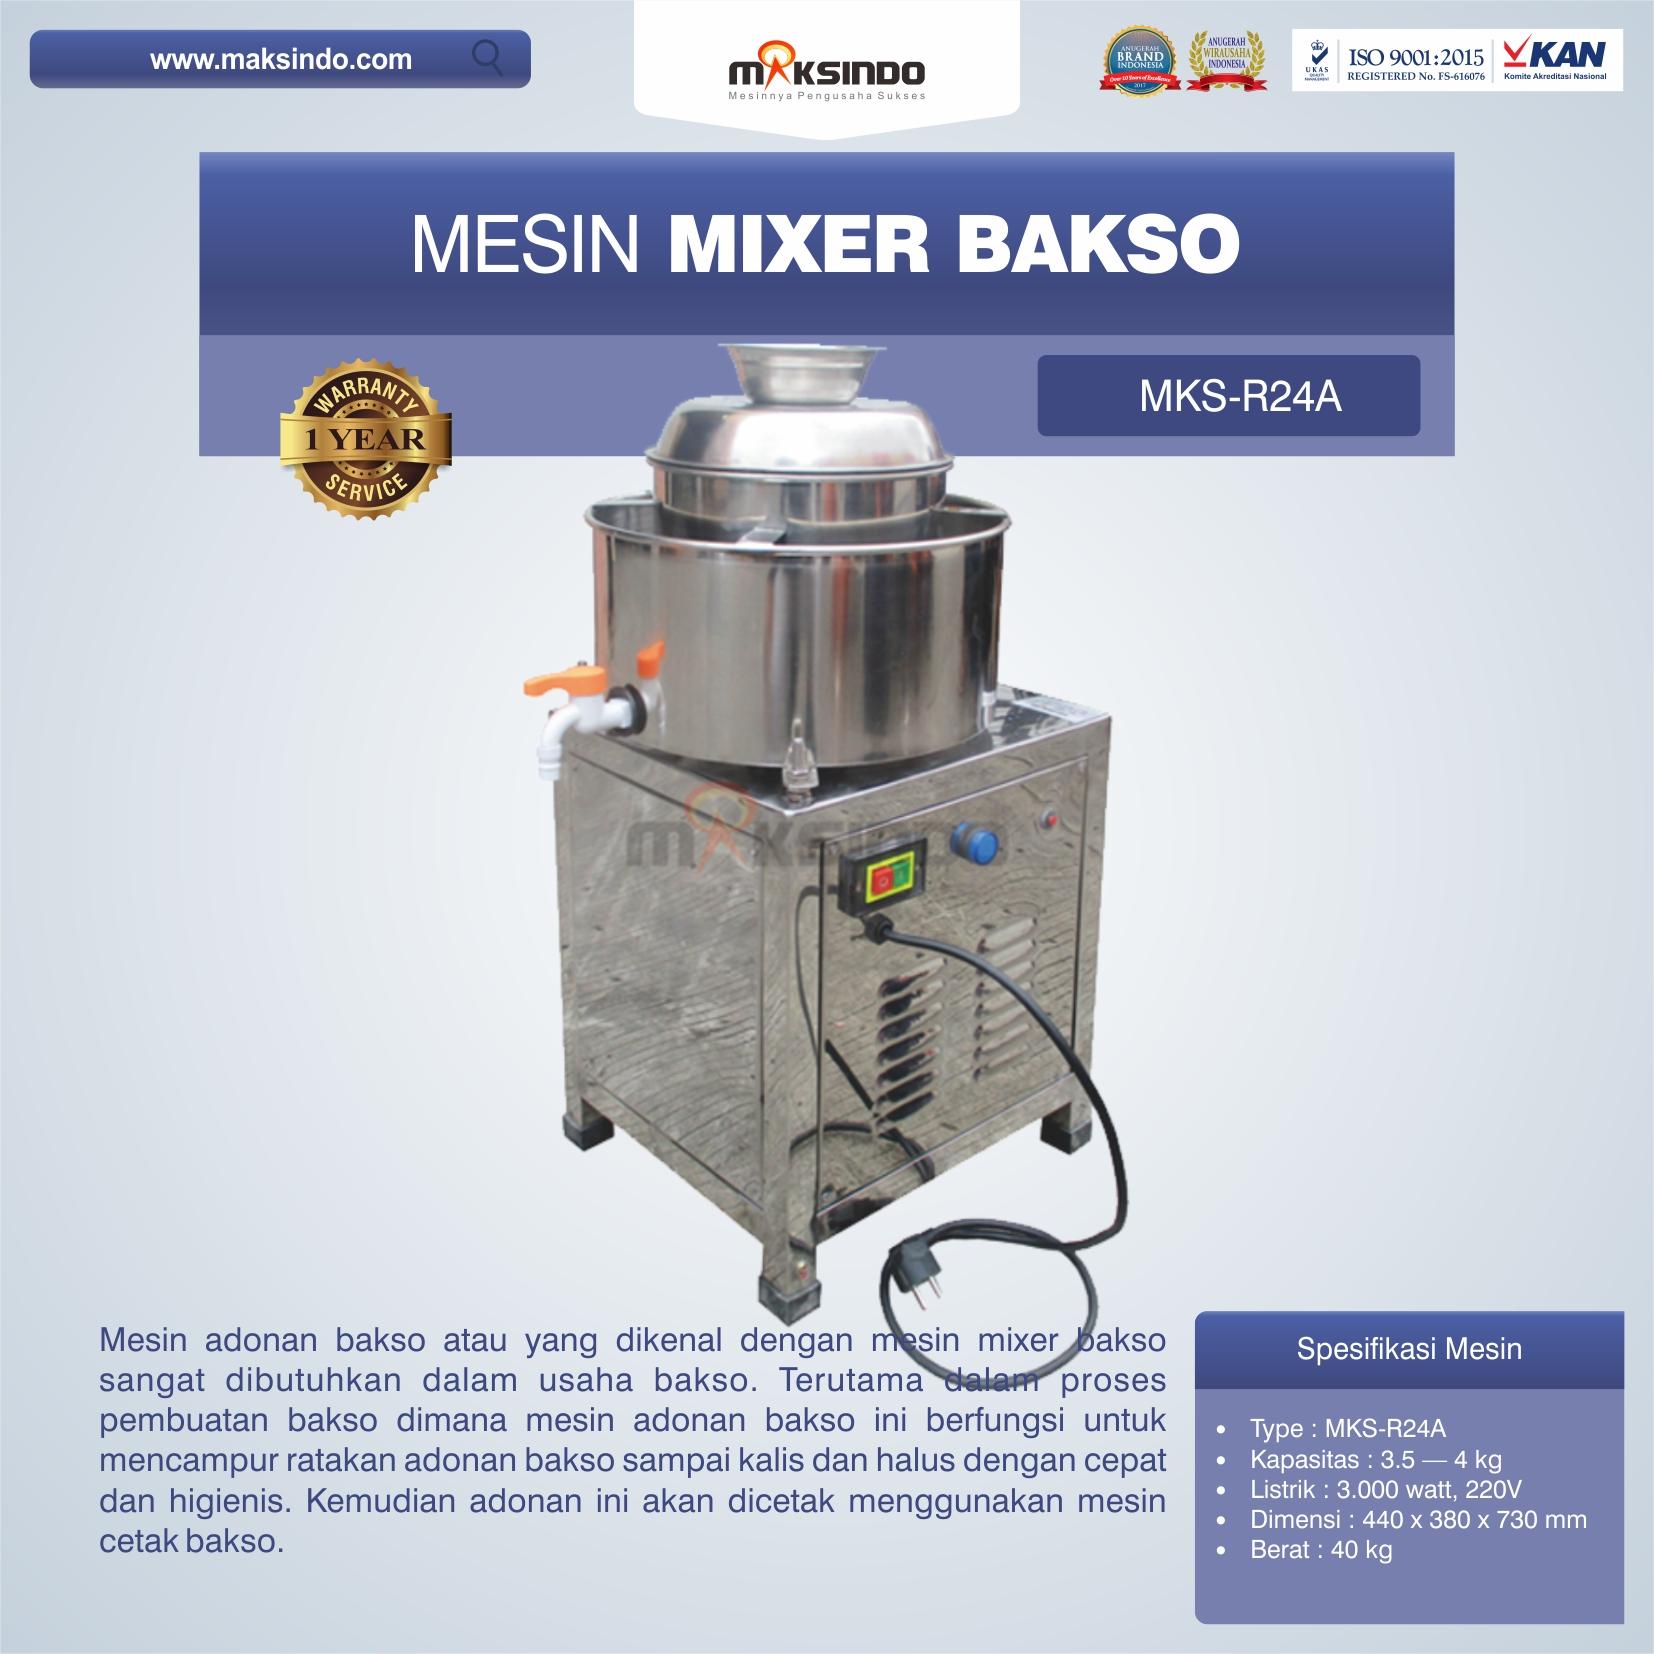 Jual Mesin Mixer Bakso MKS-R24A di Bekasi